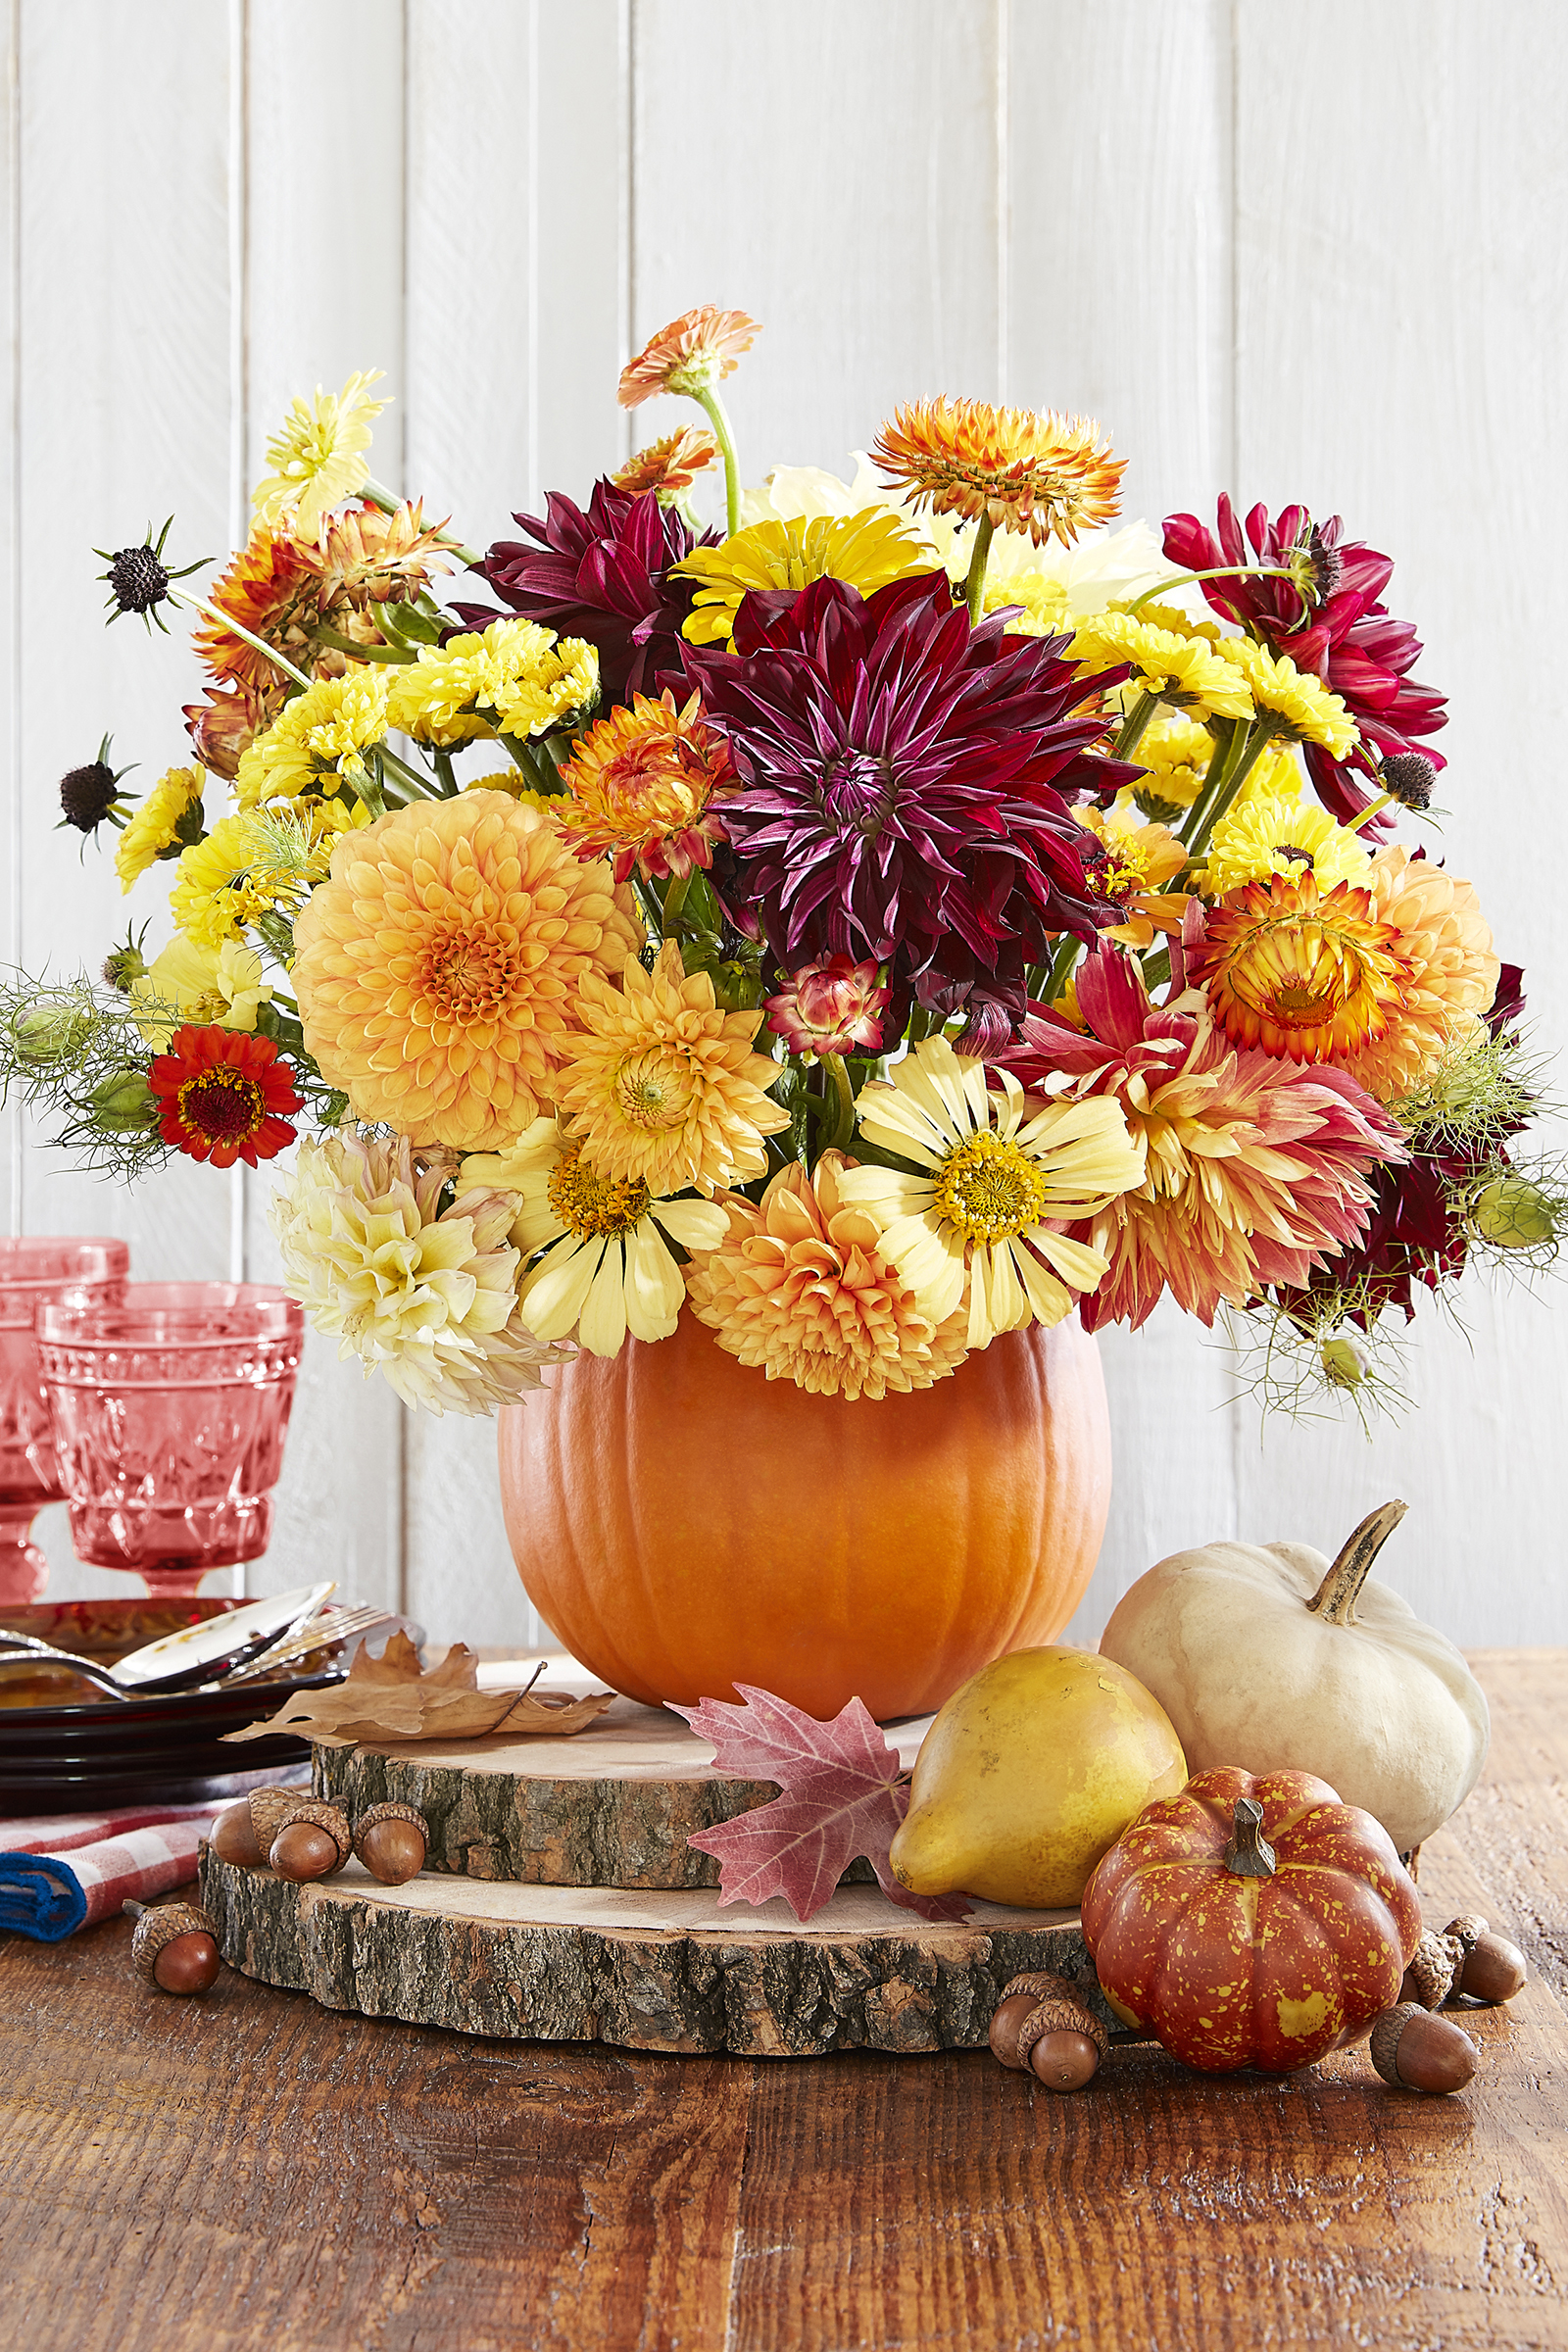 34 DIY Thanksgiving Centerpieces - Thanksgiving Table Decor